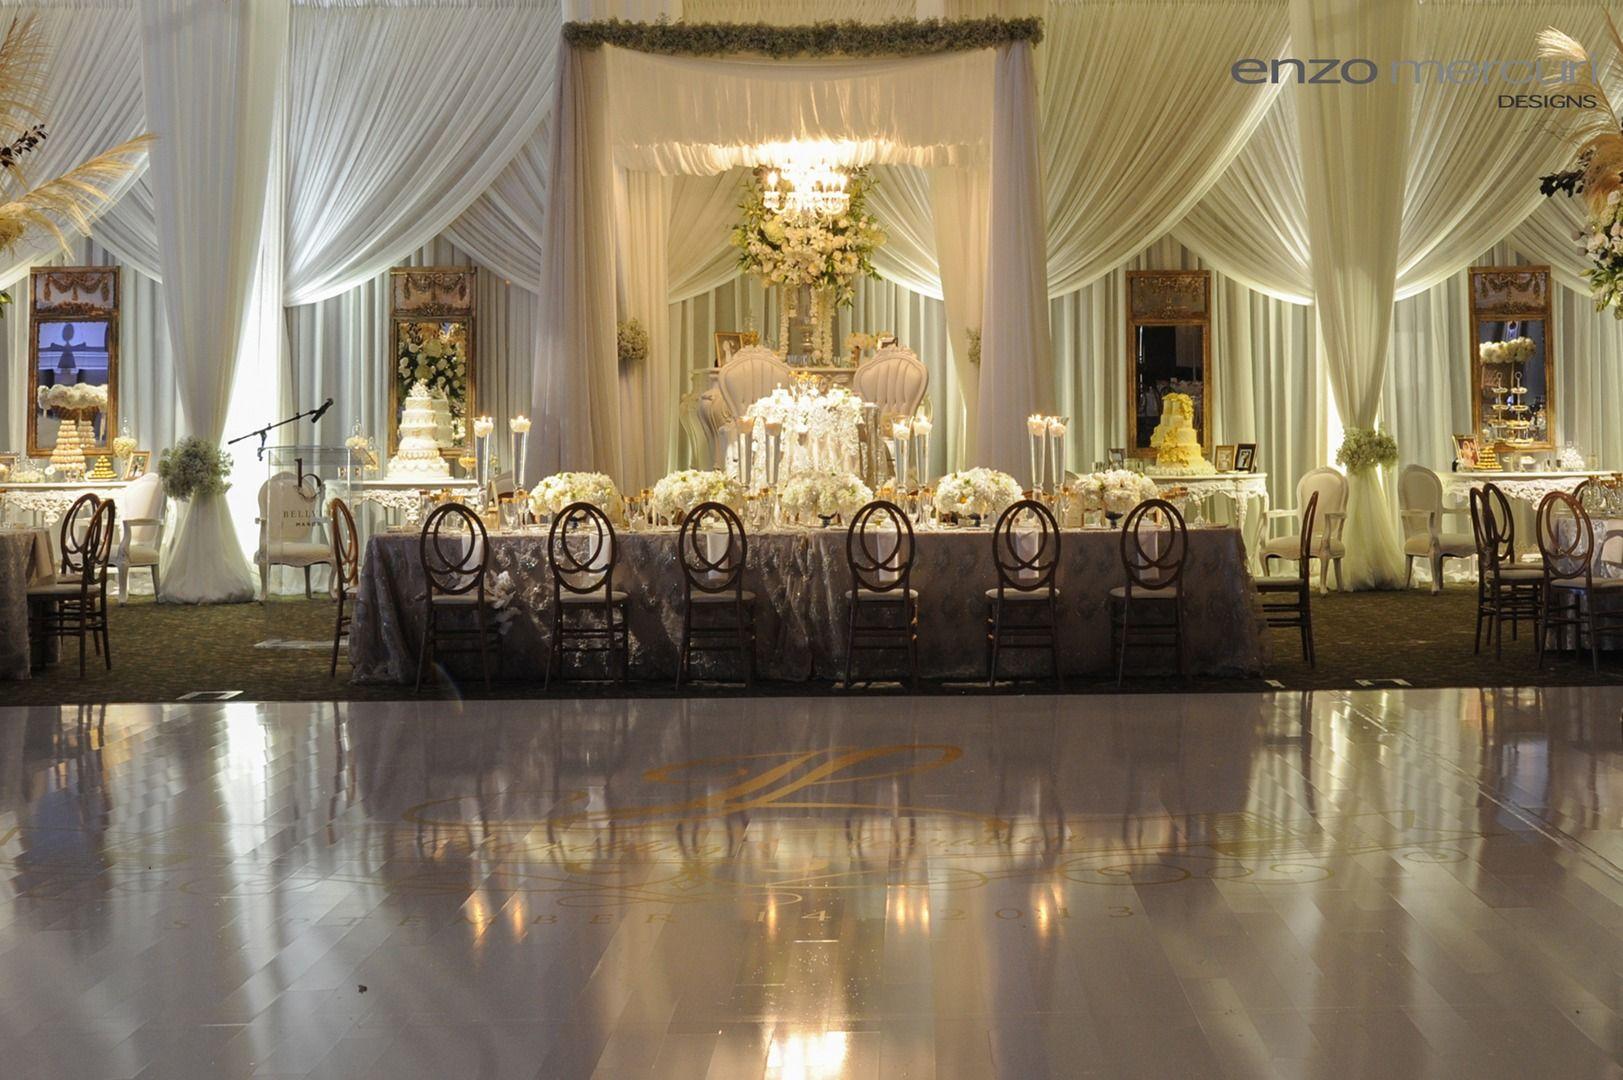 Enzo Mercuri Designs Wedding Decordrapingbackdrop Ceremonial